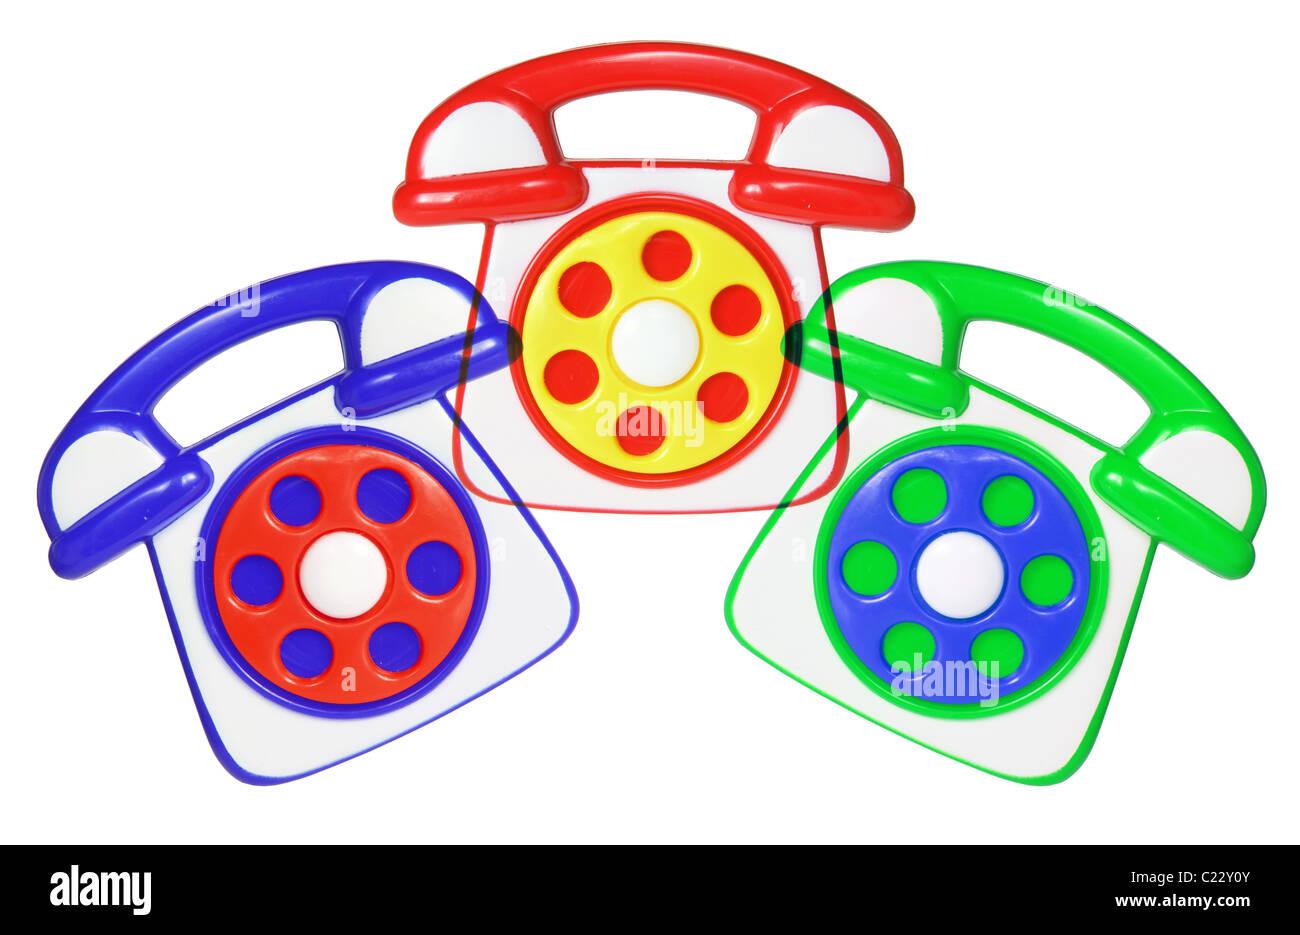 Toy Phones - Stock Image